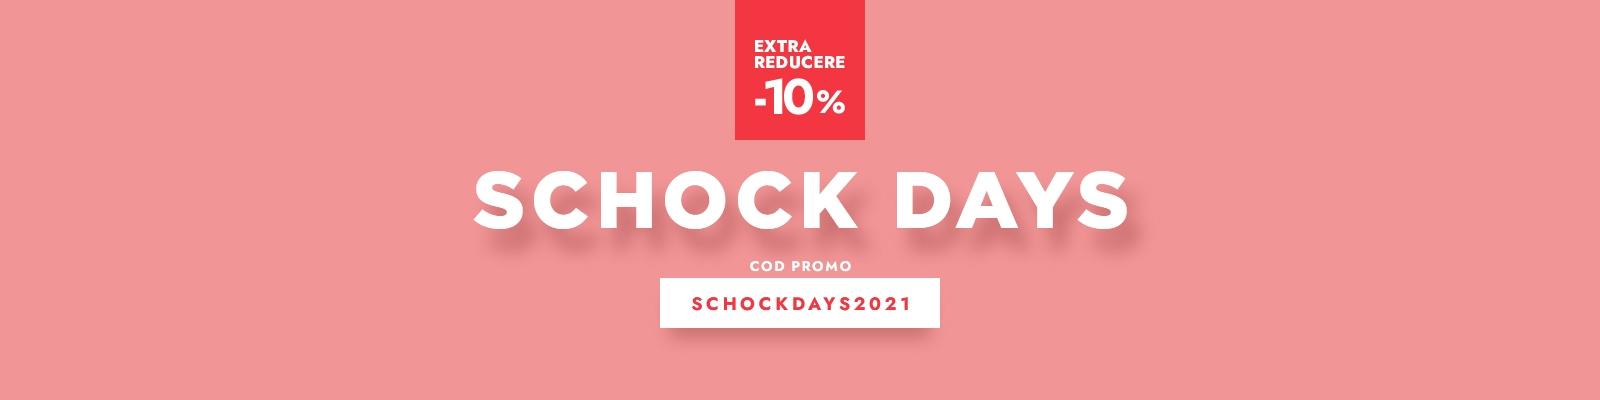 SCHOCK Days - Extra reducere -10%